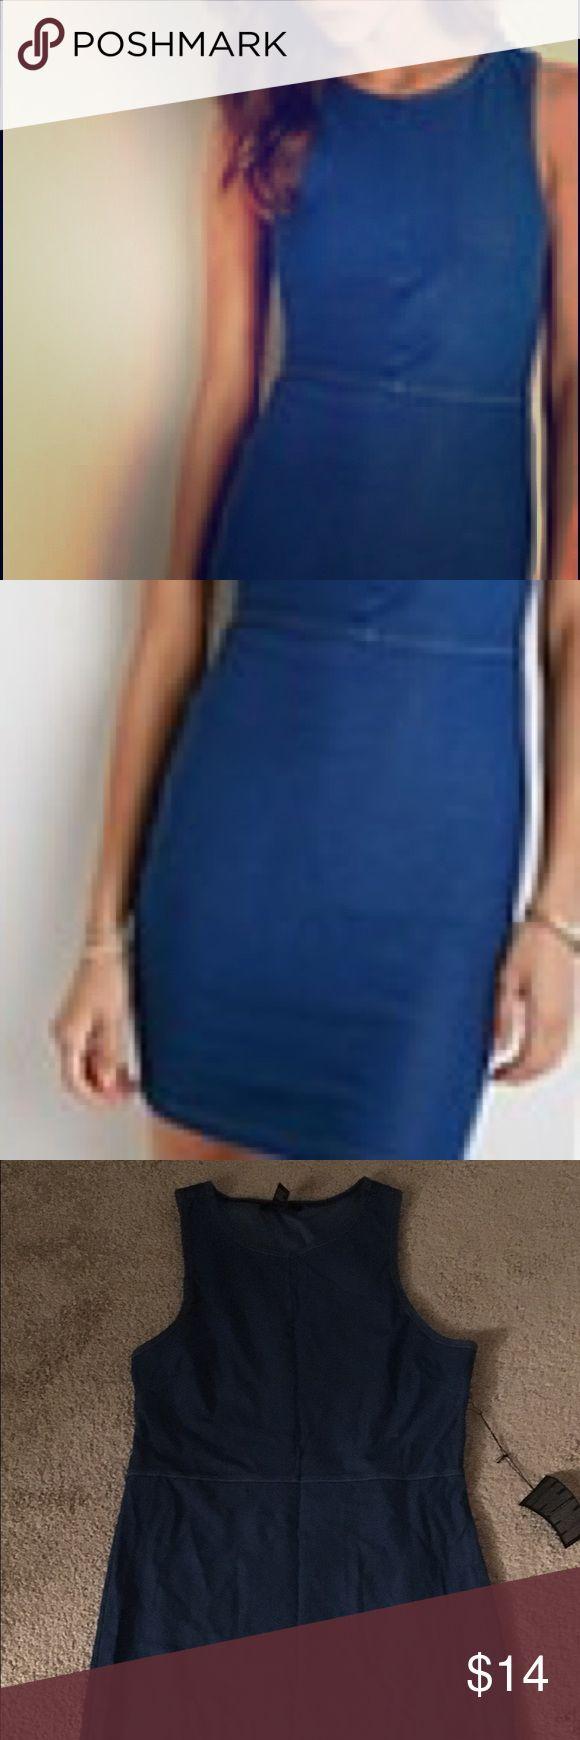 Forever 21 Denim Bodycon Dress Size L forever 21 denim dress . Never worn ! Forever 21 Dresses Mini